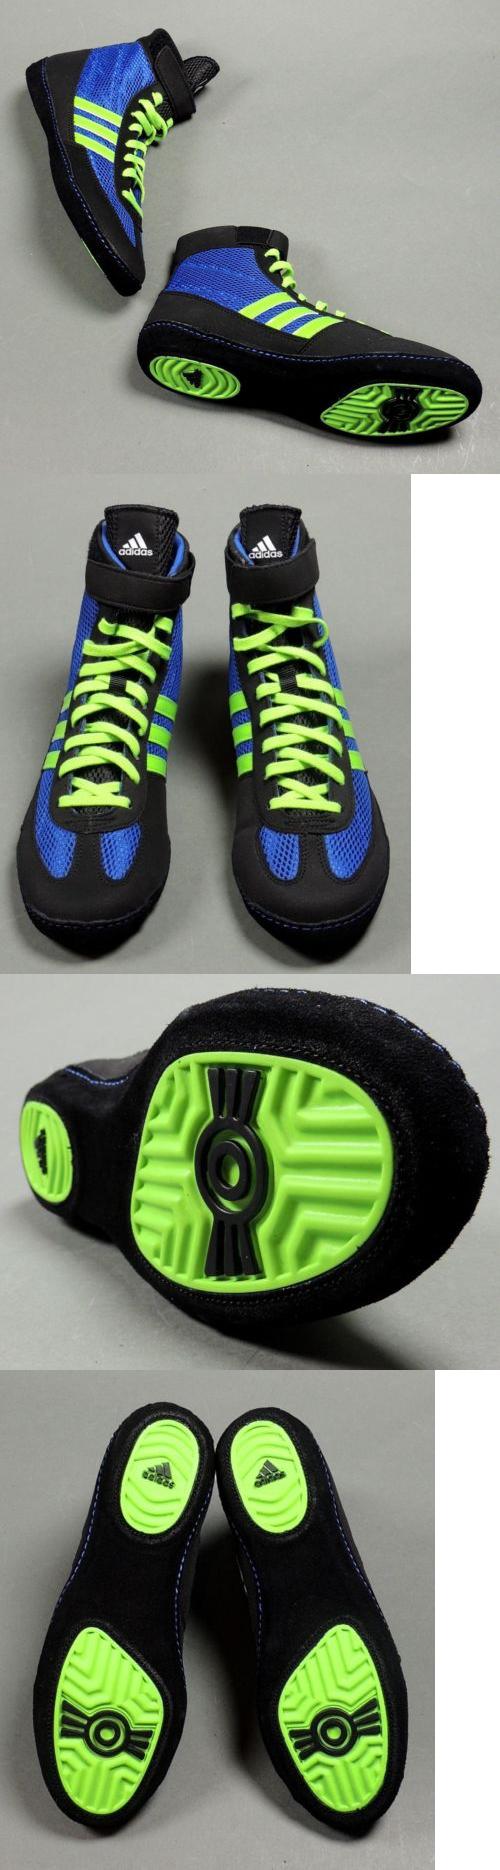 Schuhe 79799: Neue Adidas Combat Speed 4 Wrestling Schuhe Größe